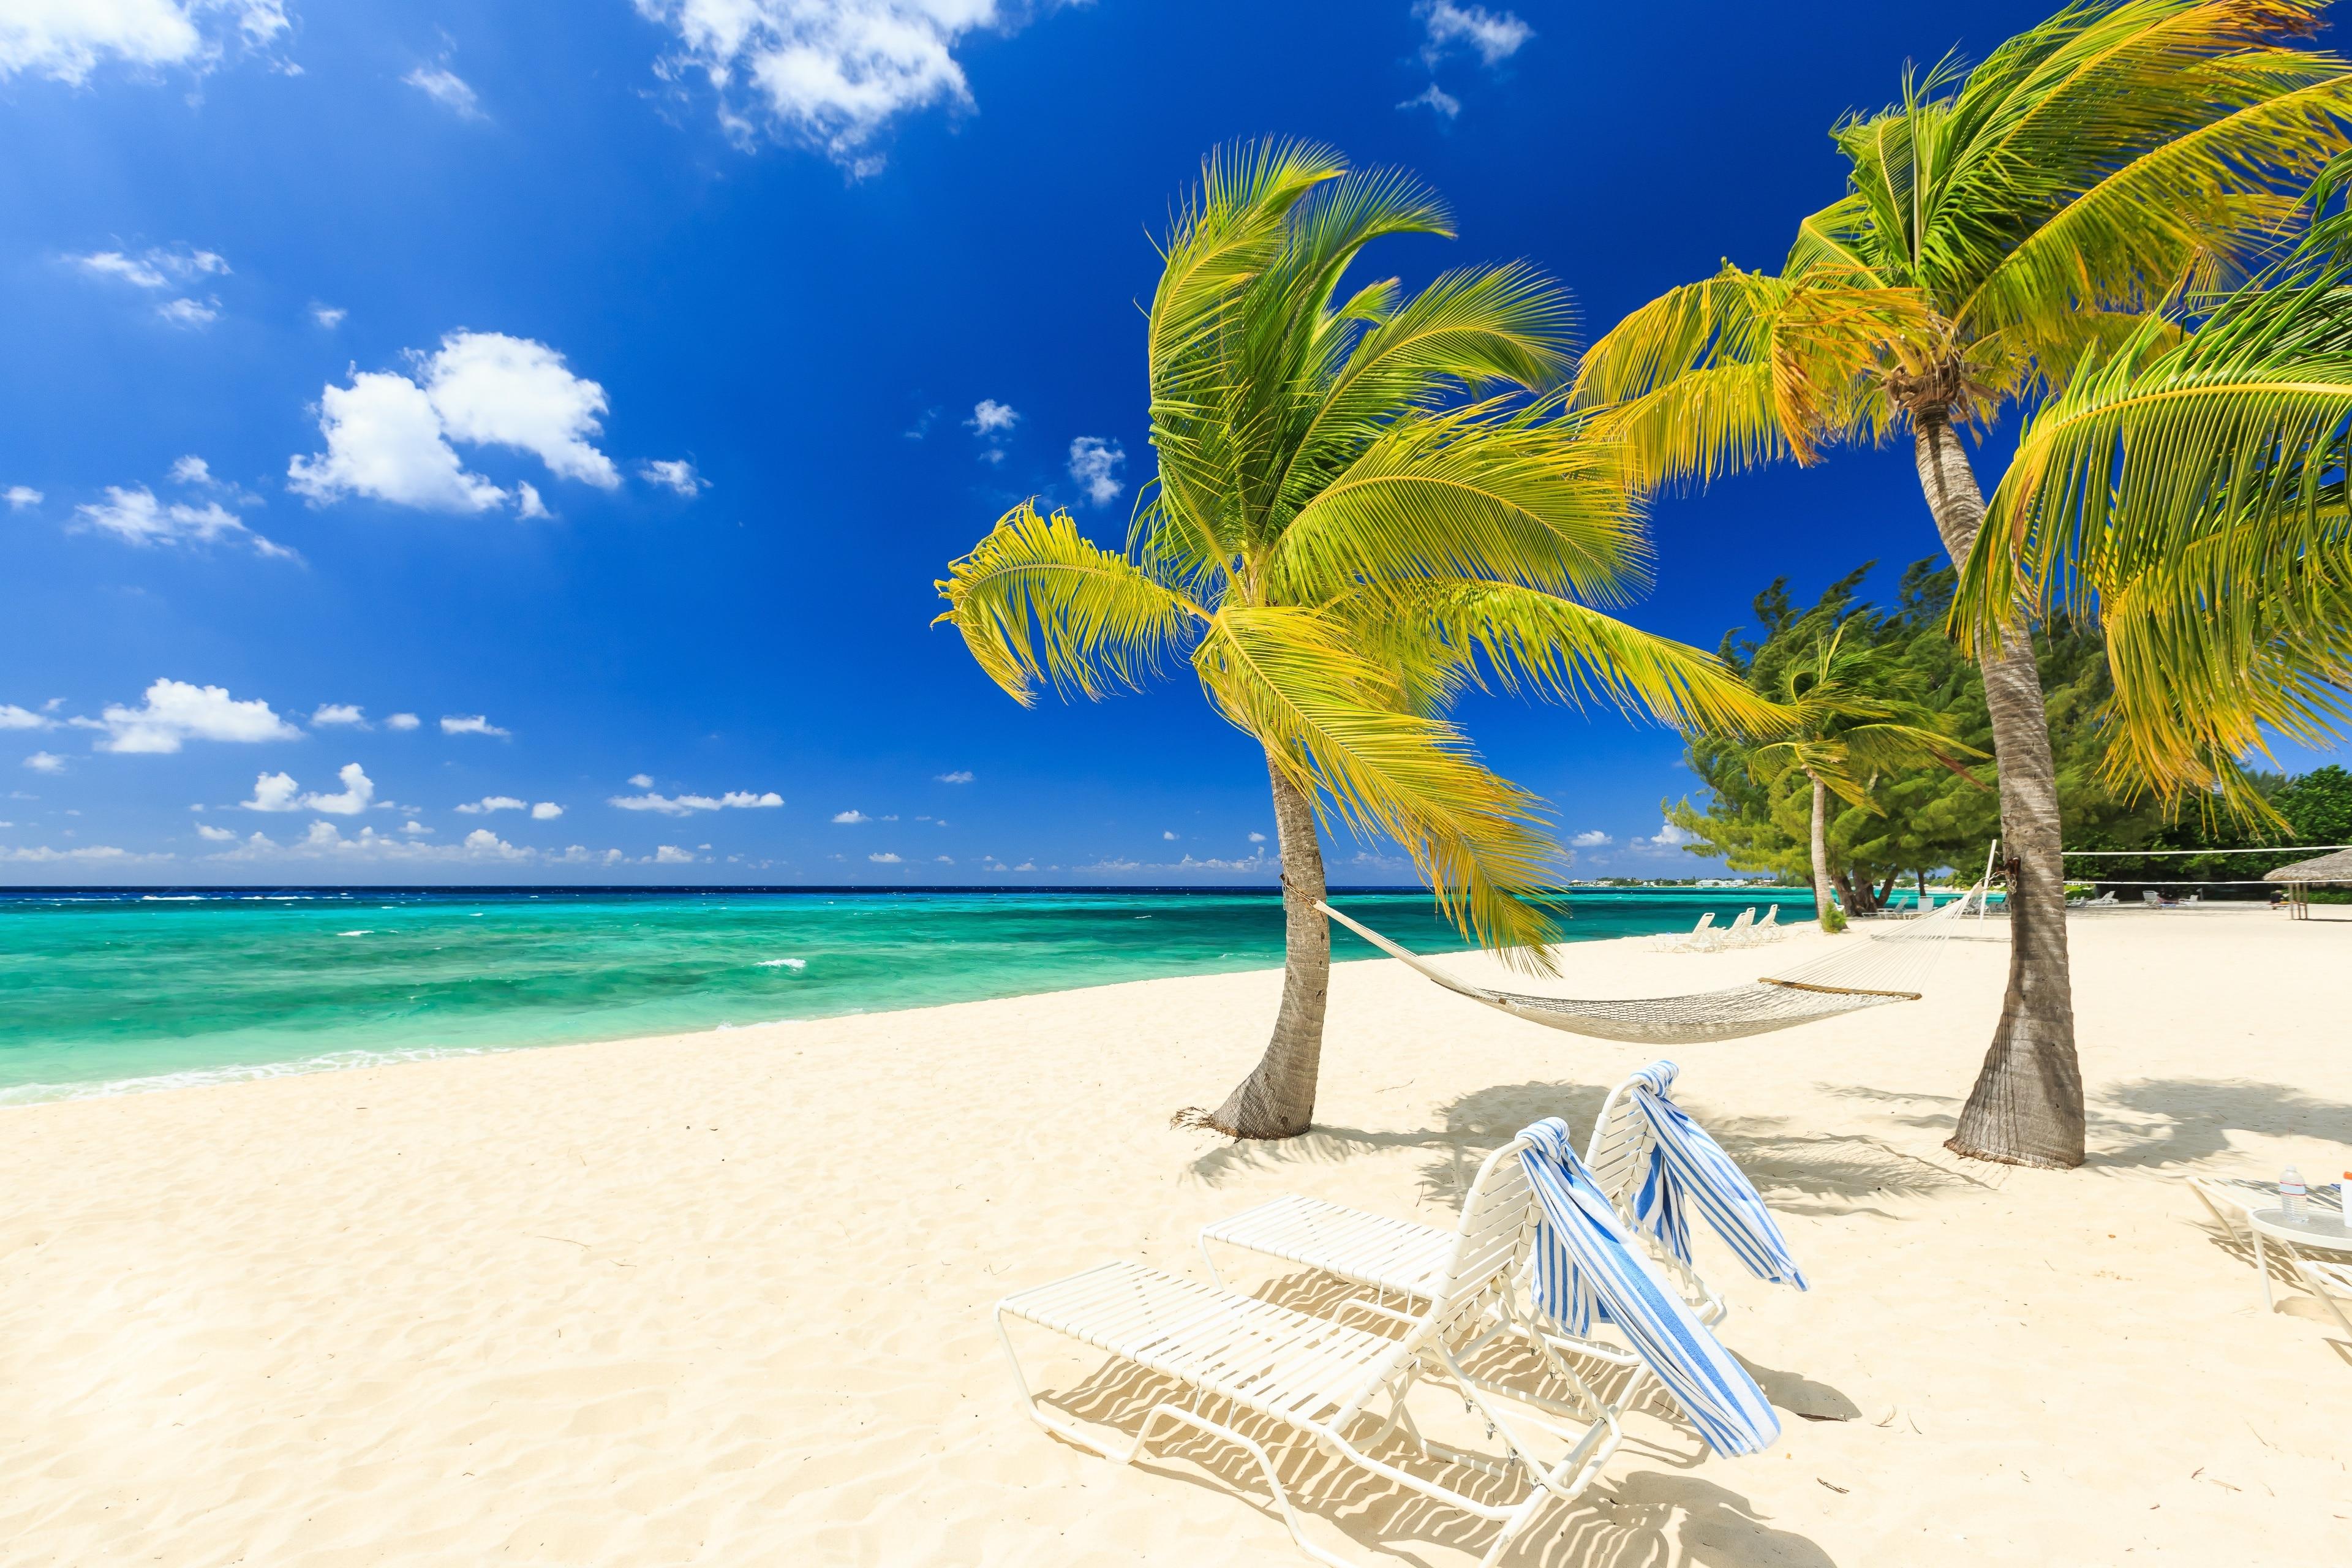 Visite Seven Mile Beach: o melhor de Seven Mile Beach, Ilhas Cayman –  Viagens 2021   Expedia Turismo